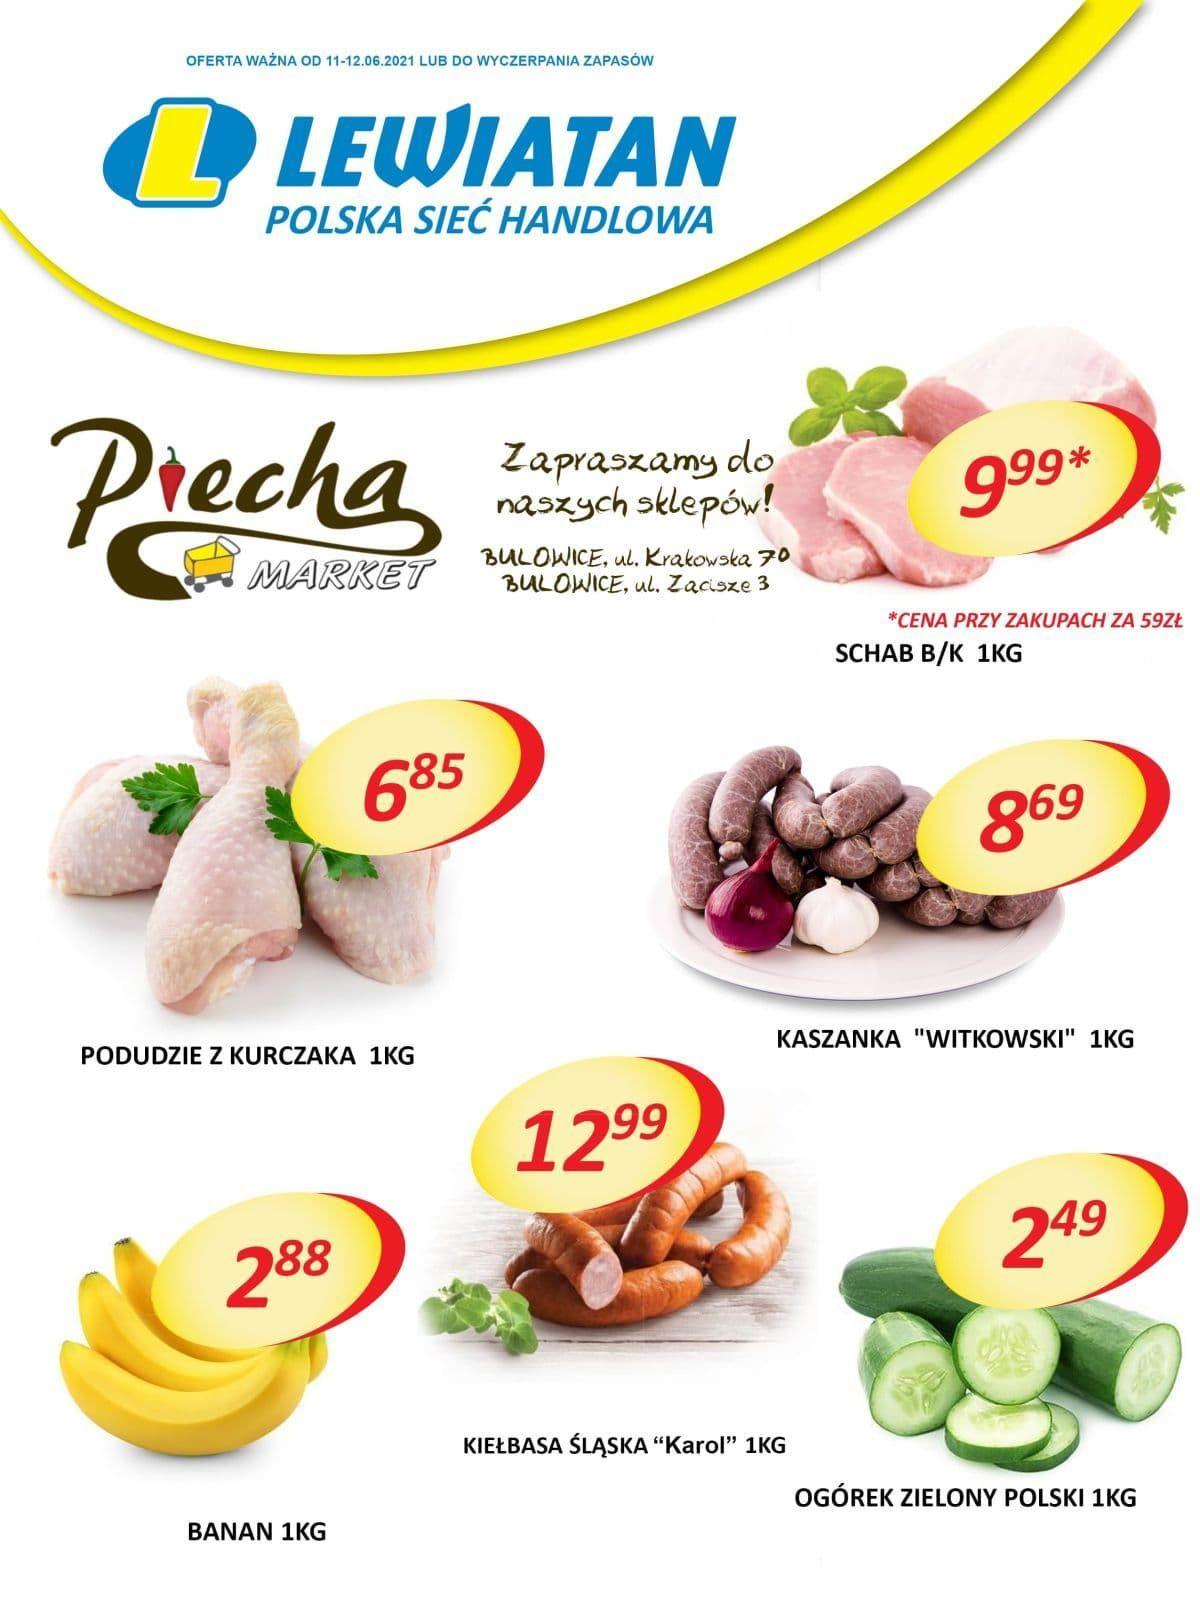 Lewiatan Piecha Market w Bulowicach. Promocje 11-12 czerwca